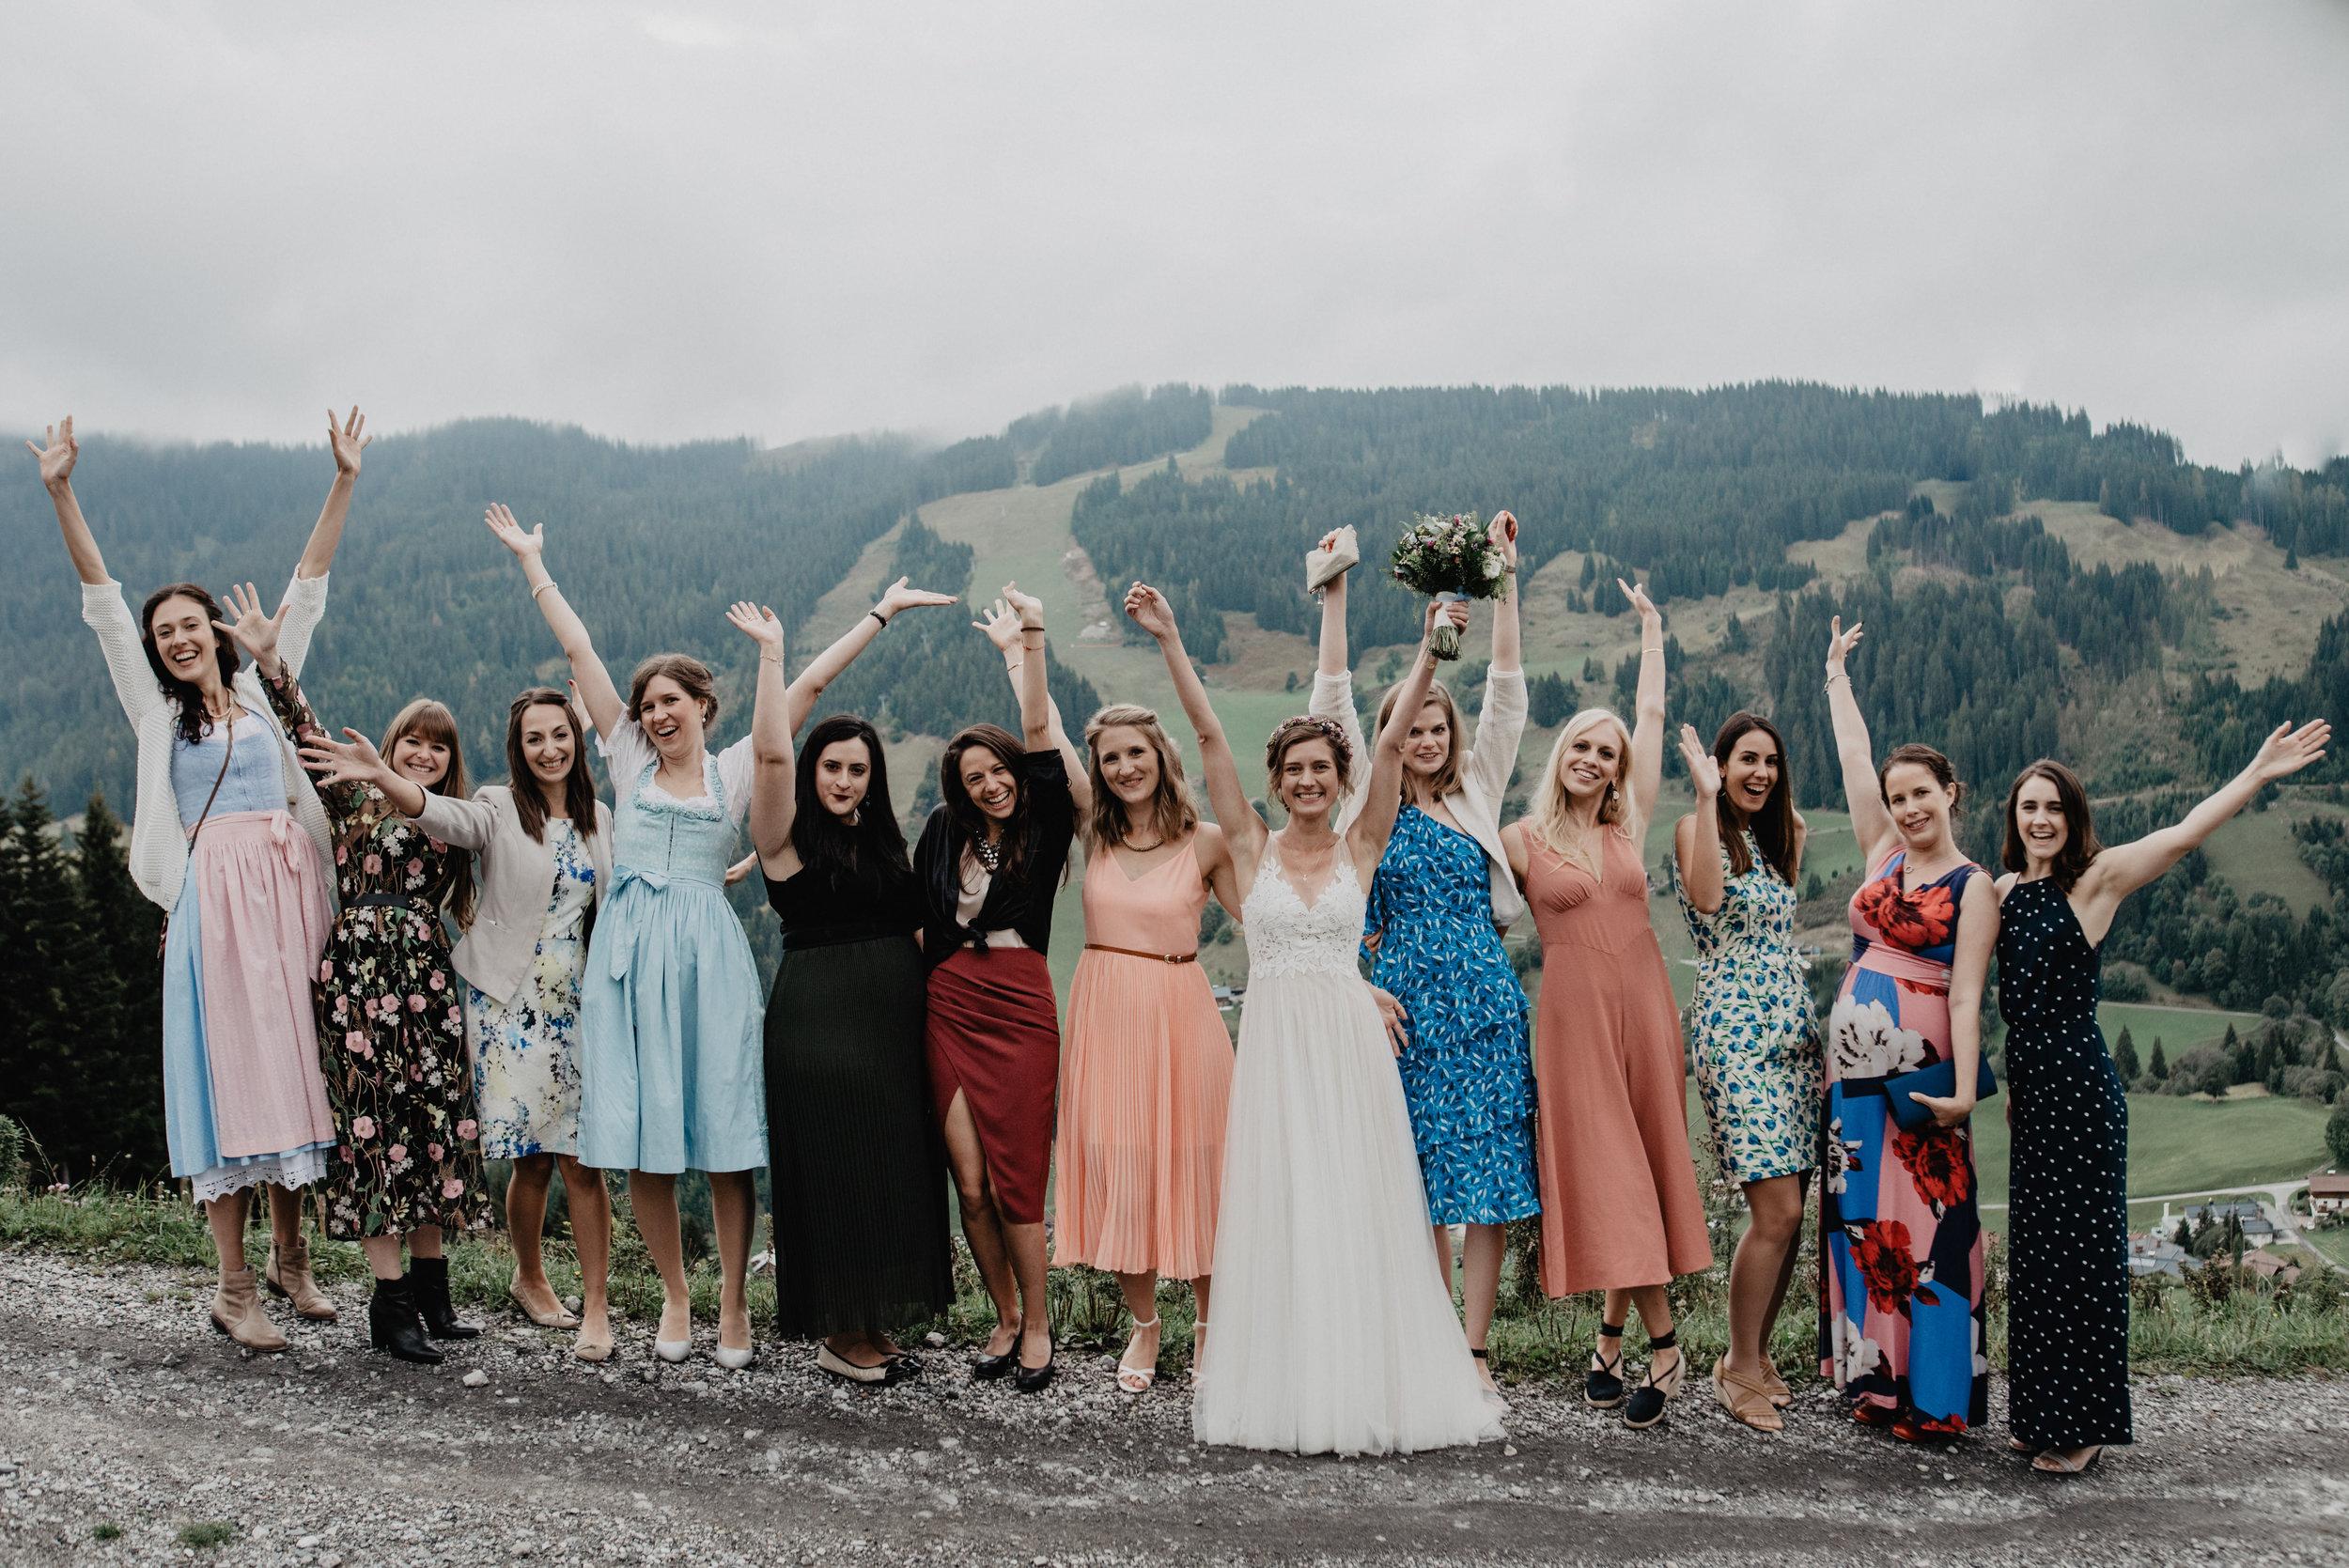 Kanadische-Destinationwedding-Berghochzeit-Dienten-MissFrecklesPhotography (83 von 96).jpg